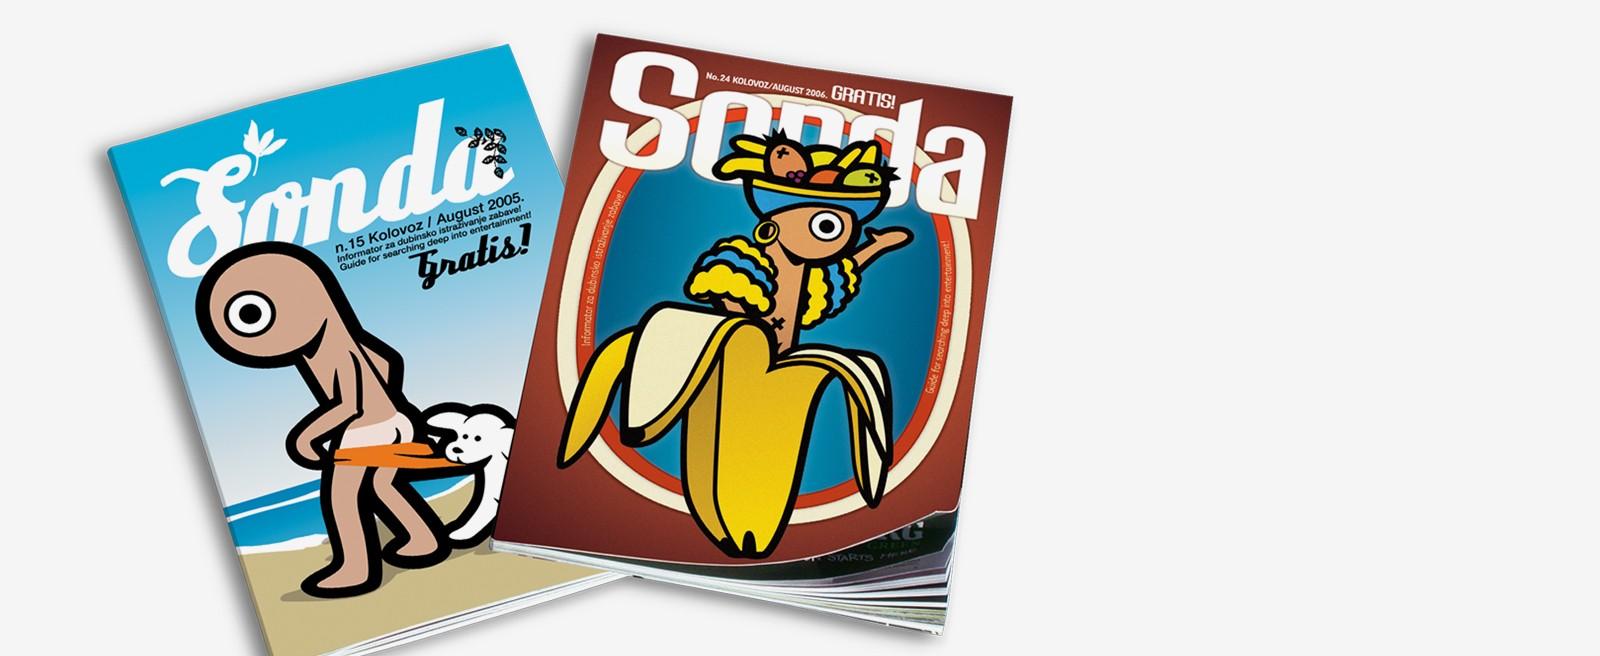 Sonda magazin